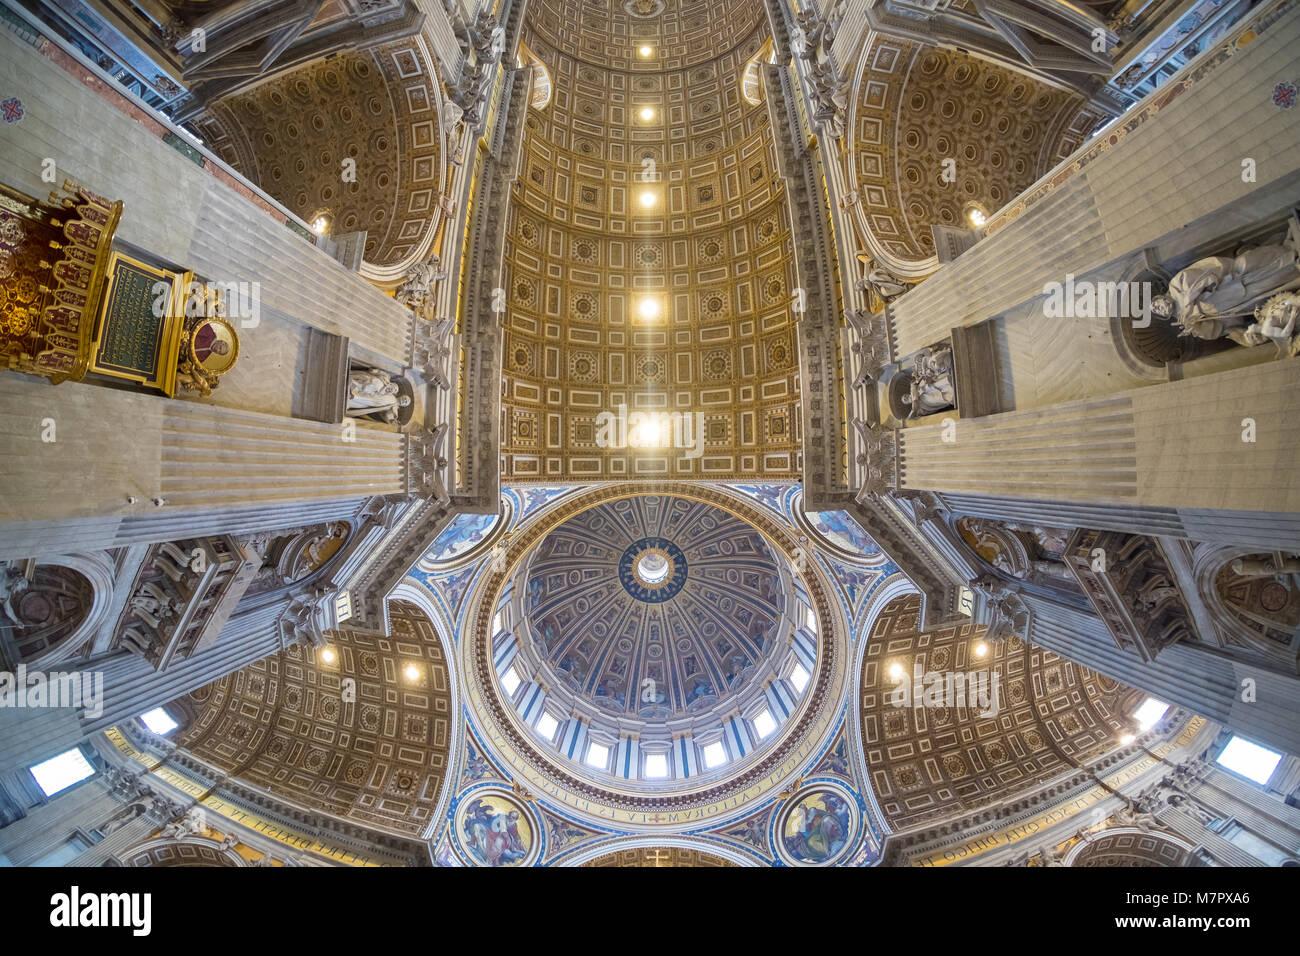 El techo de la Basílica de San Pedro en el Vaticano, Roma, lente gran angular ver Imagen De Stock